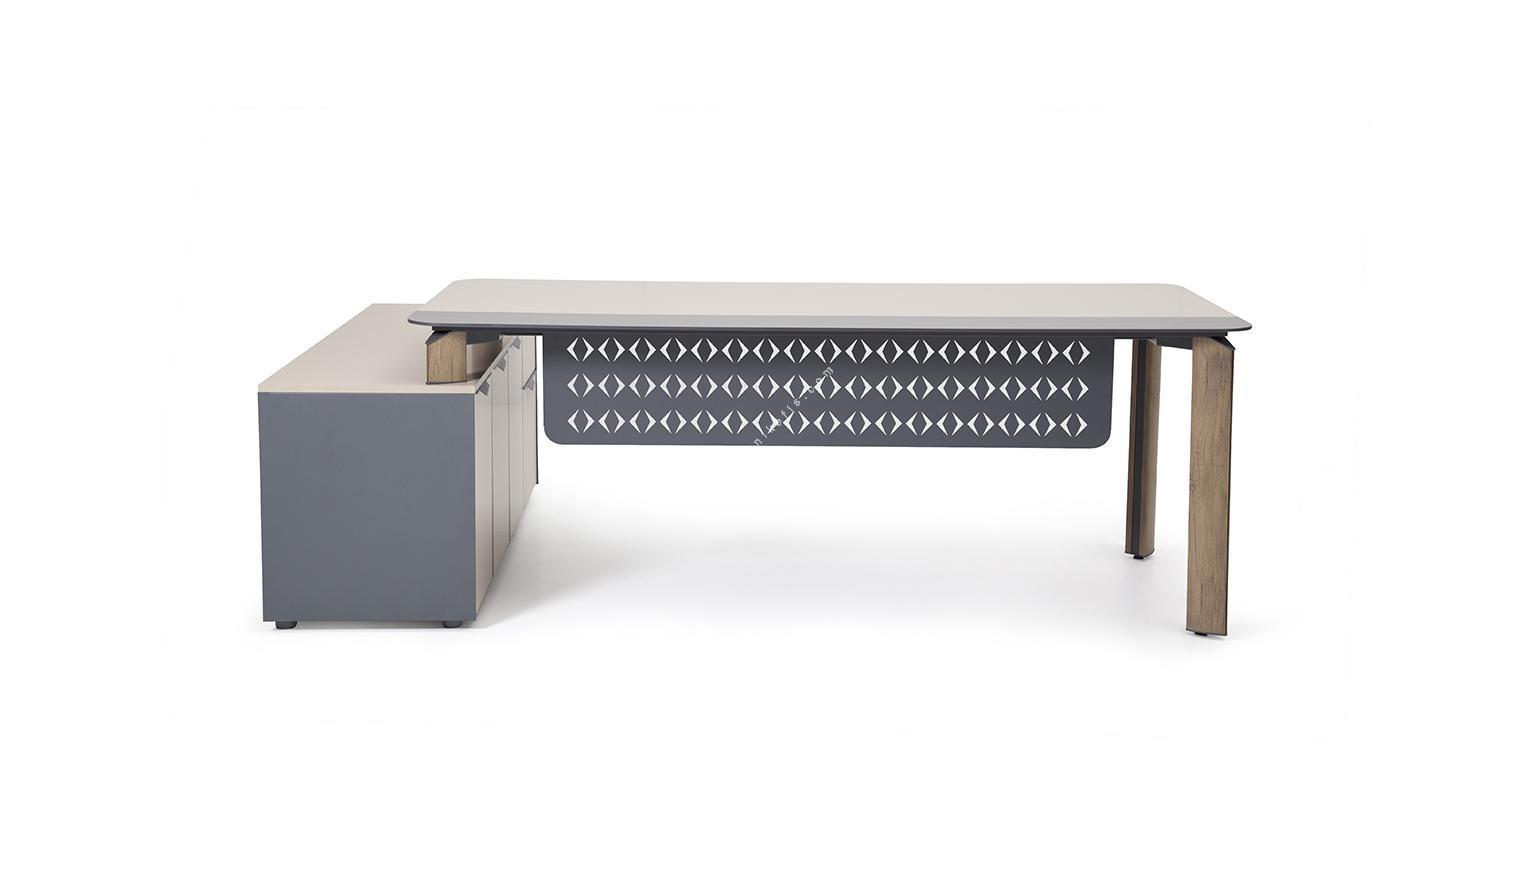 manola etajerli yönetici masası 180cm